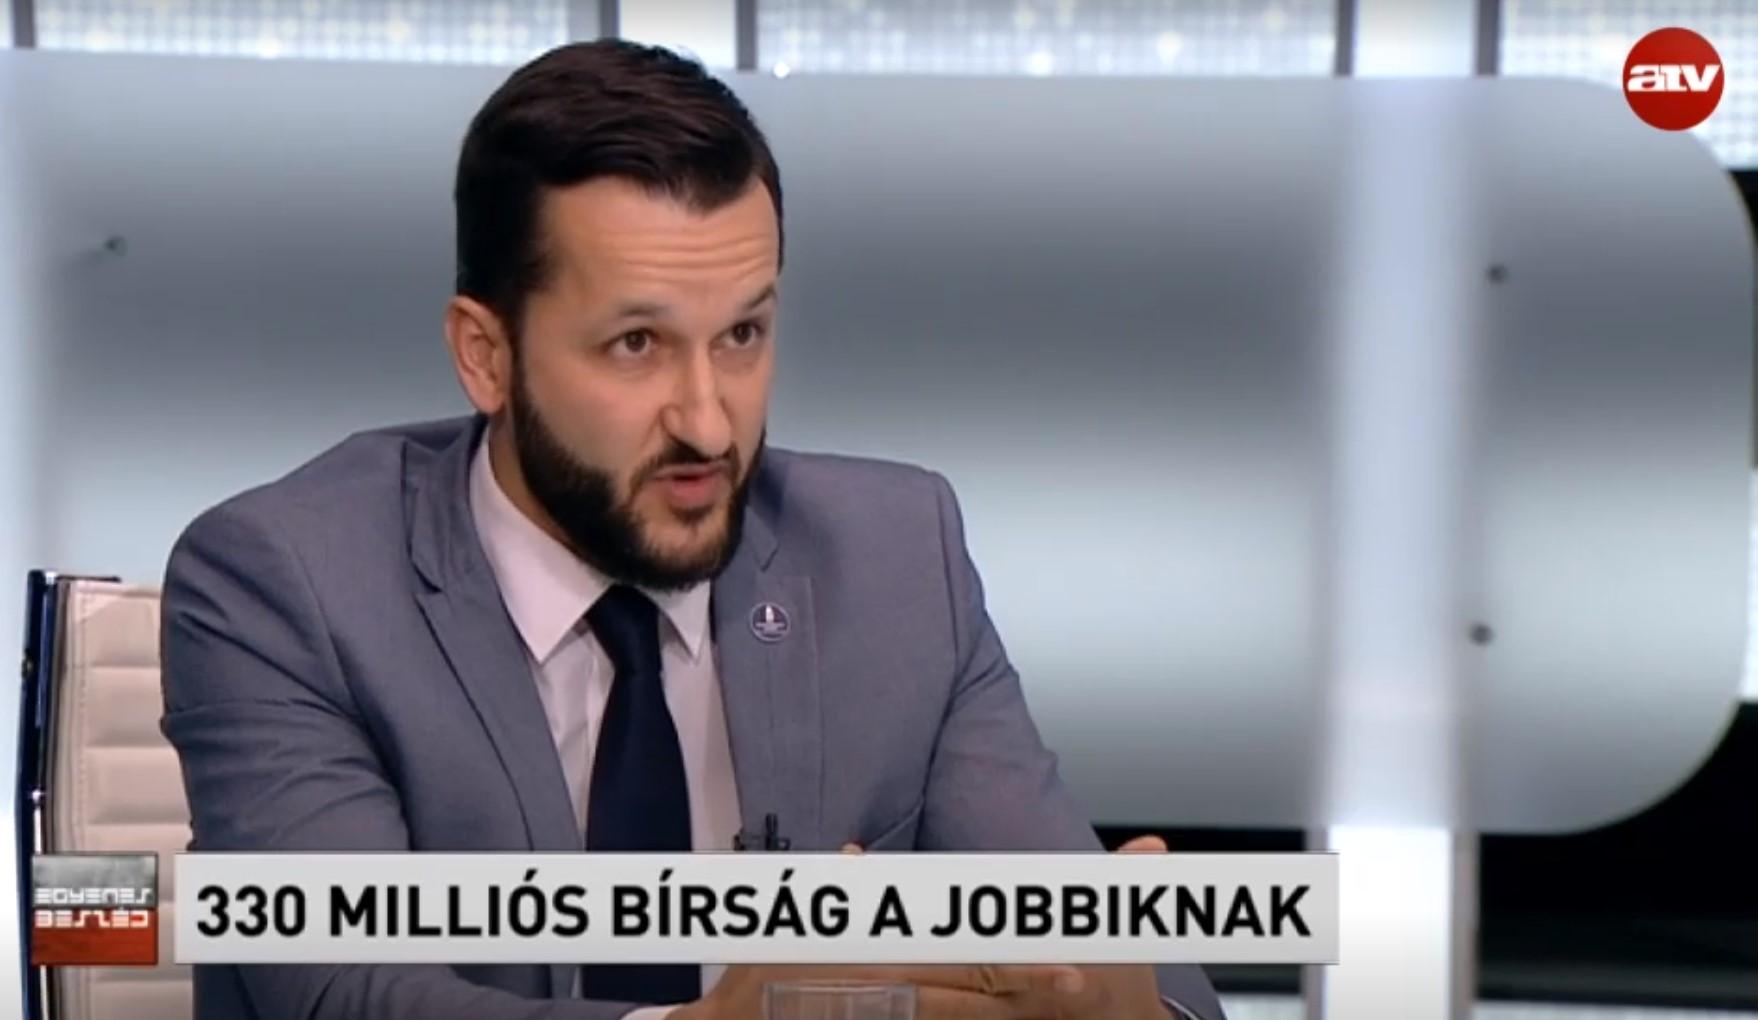 A tökéletes NER-funkcionárius: halálkomoly arccal mondja a kamerába, hogy eddig minden rendben volt, egészen a mostani Jobbik-kampányig